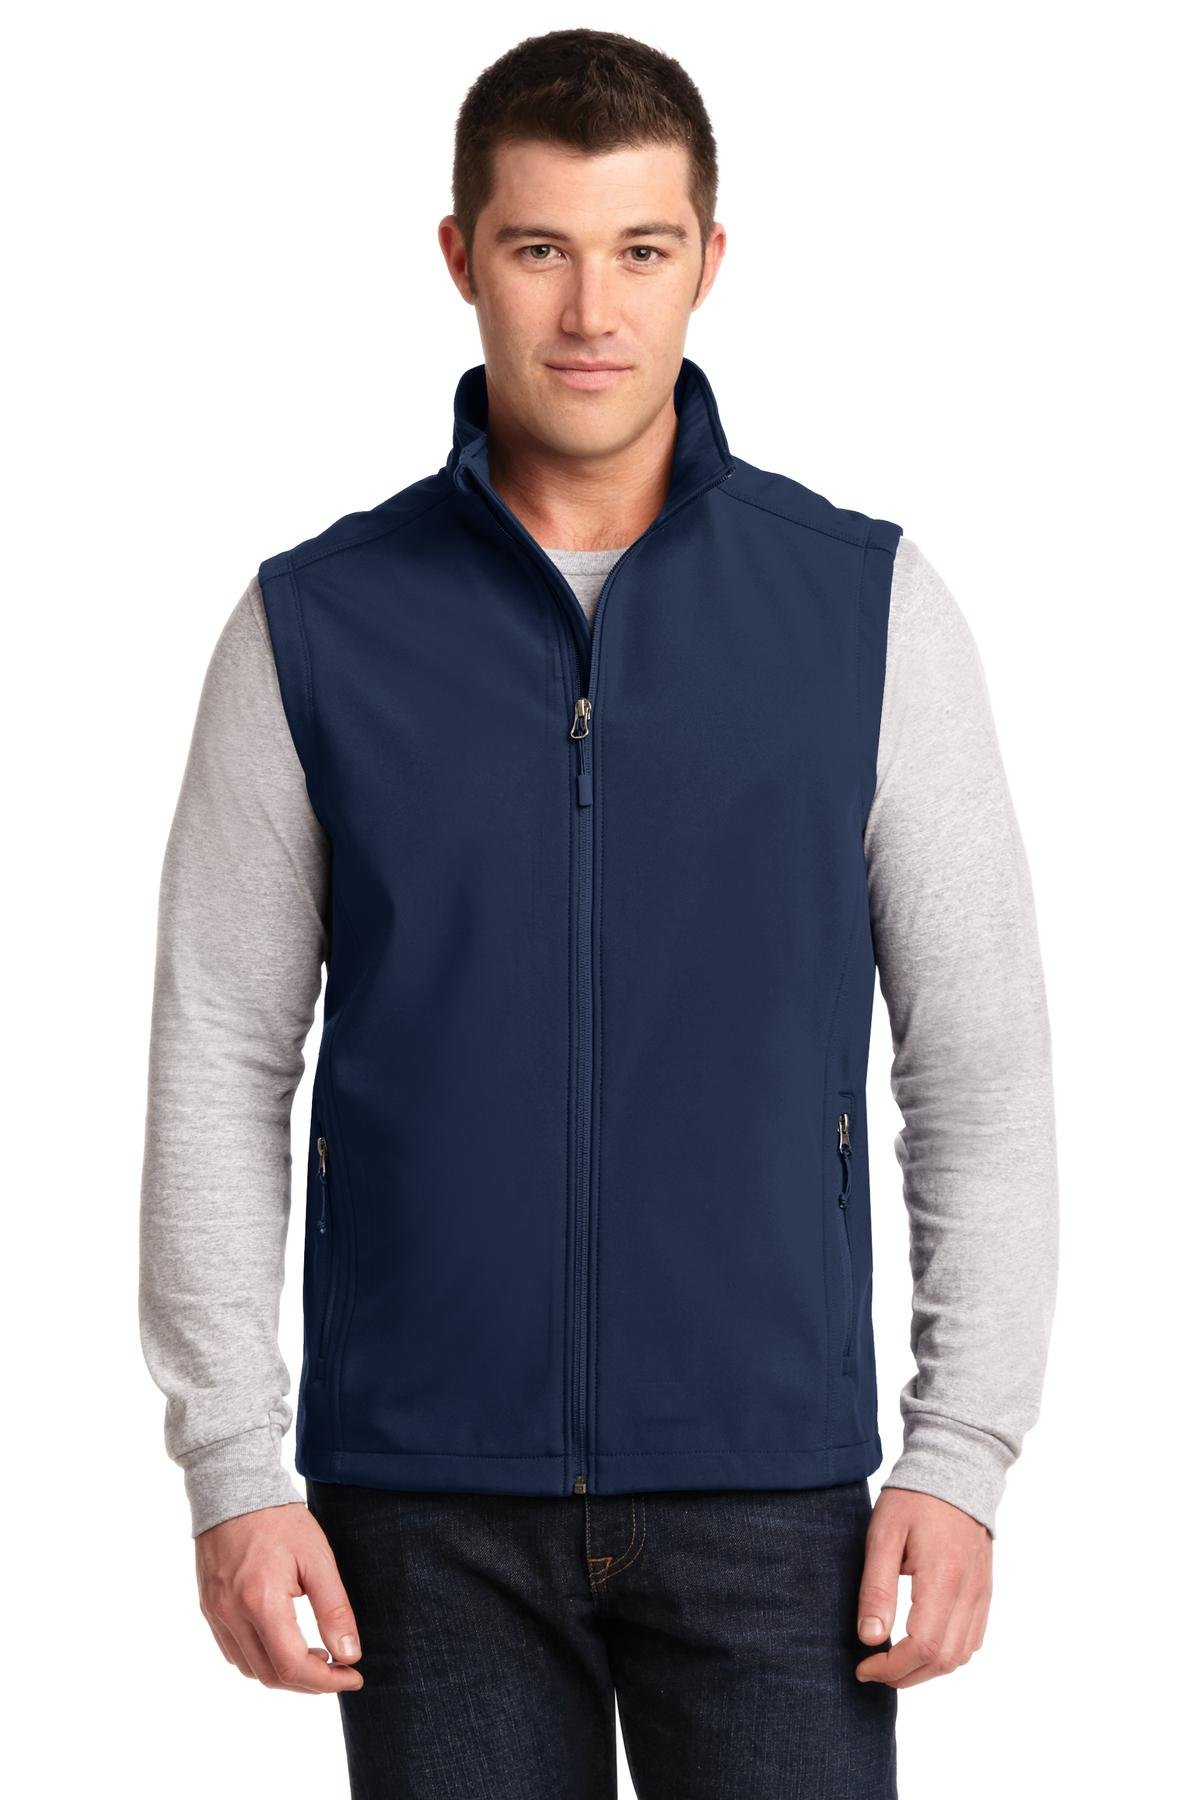 Port Authority Men's Core Soft Shell Vest XL Dress Blue Navy